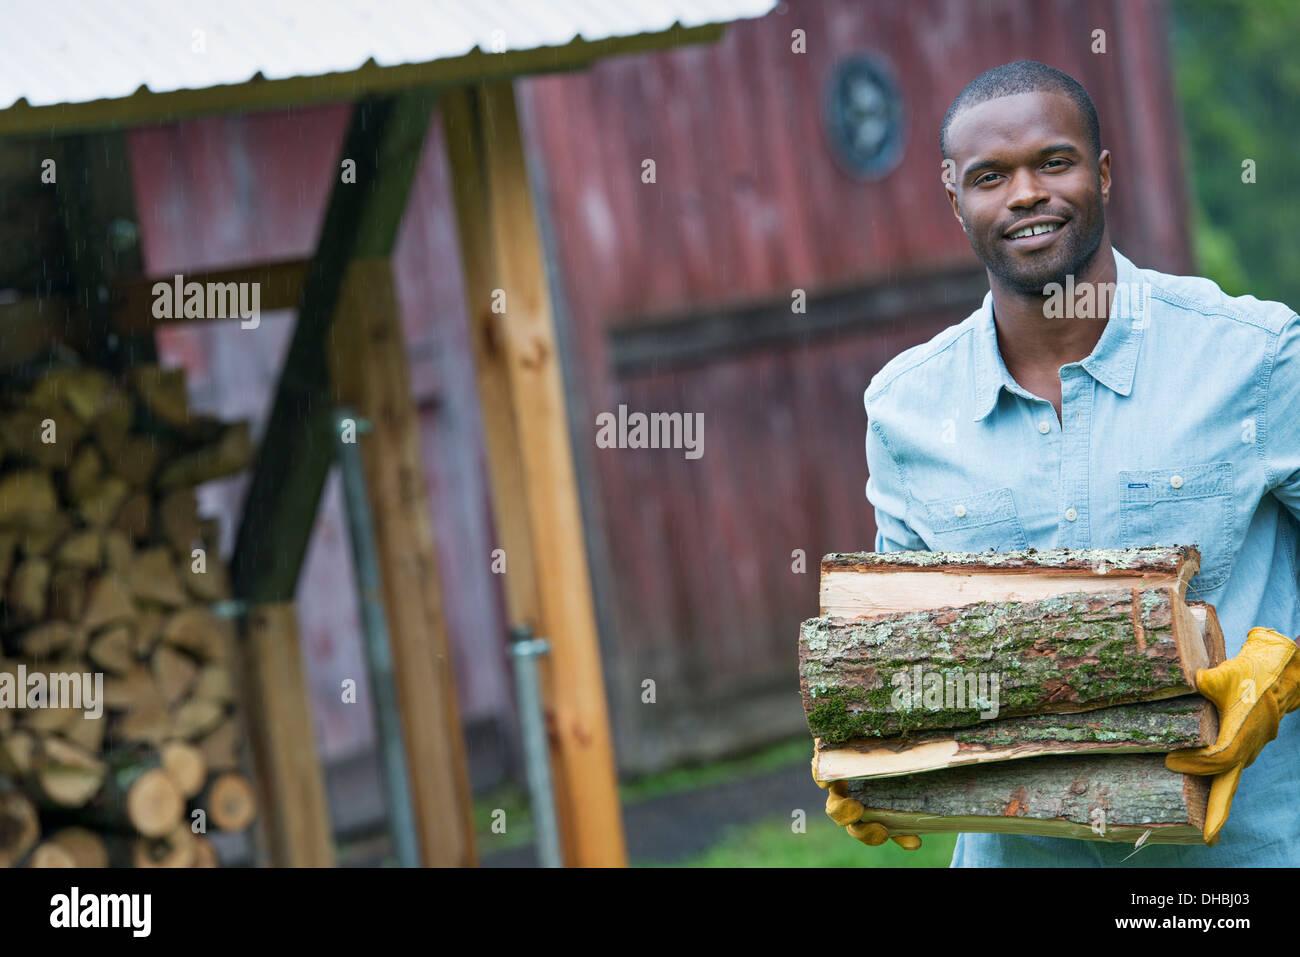 Un hombre joven llevando un montón de troncos desde el logstore. La vida agrícola. Imagen De Stock